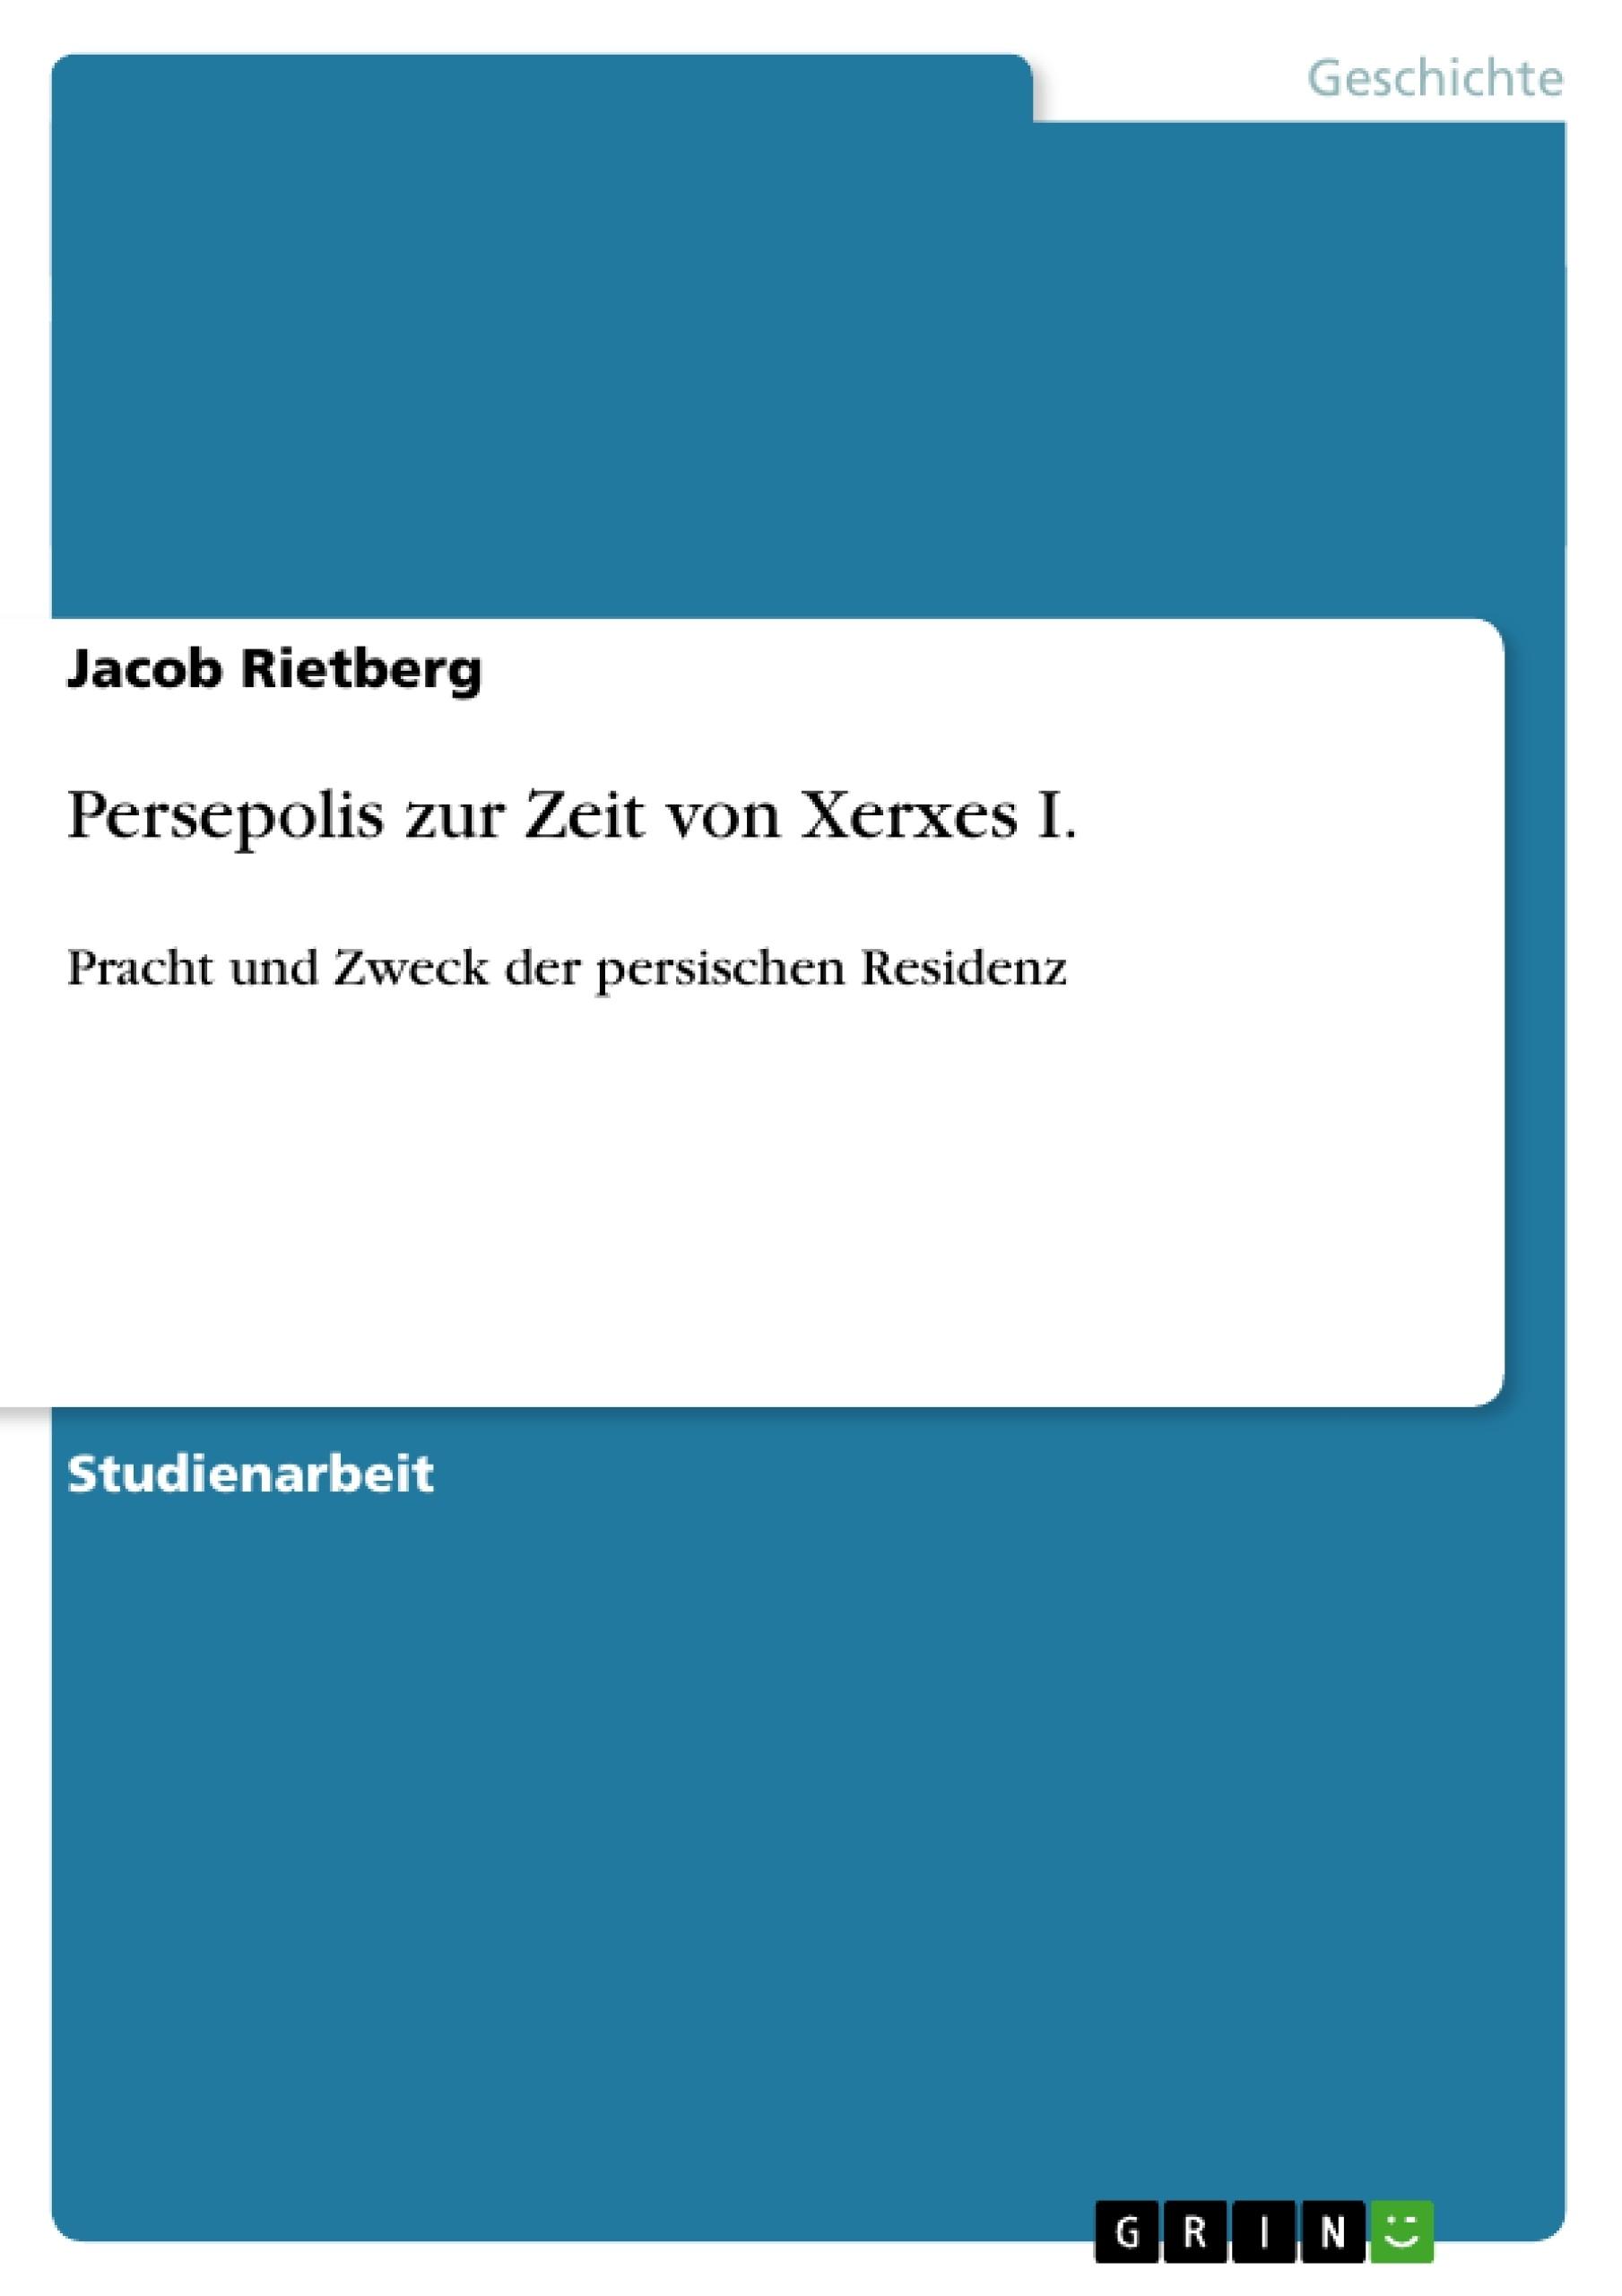 Titel: Persepolis zur Zeit von Xerxes I.